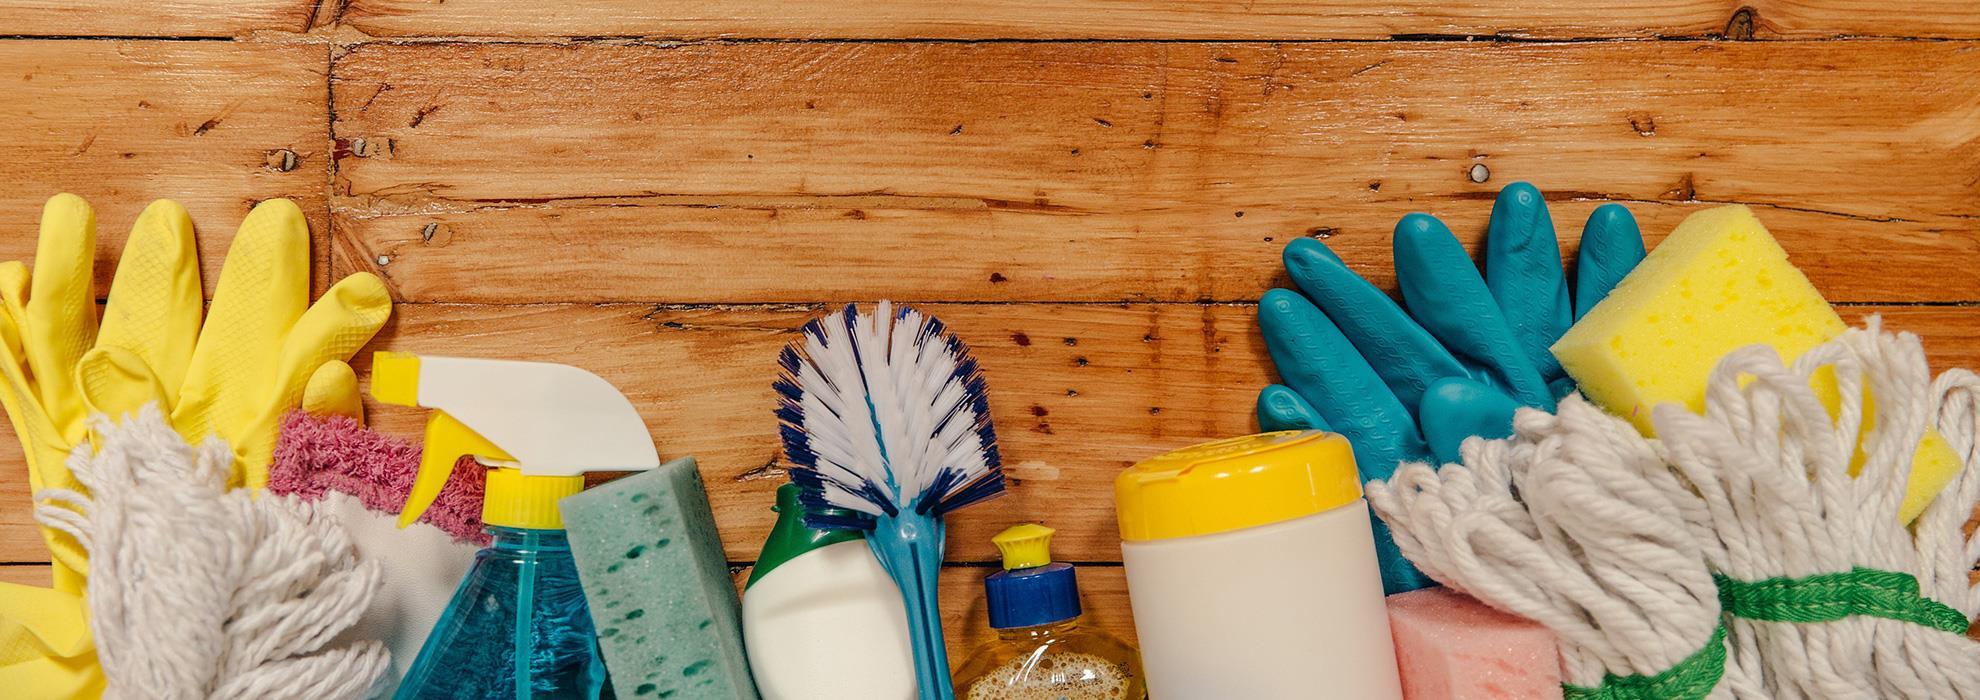 بمساعدة خبرائنا في شركة تسد، نضمن لك دائمًا خدمات تنظيف شاملة وعميقة لمنطقتك